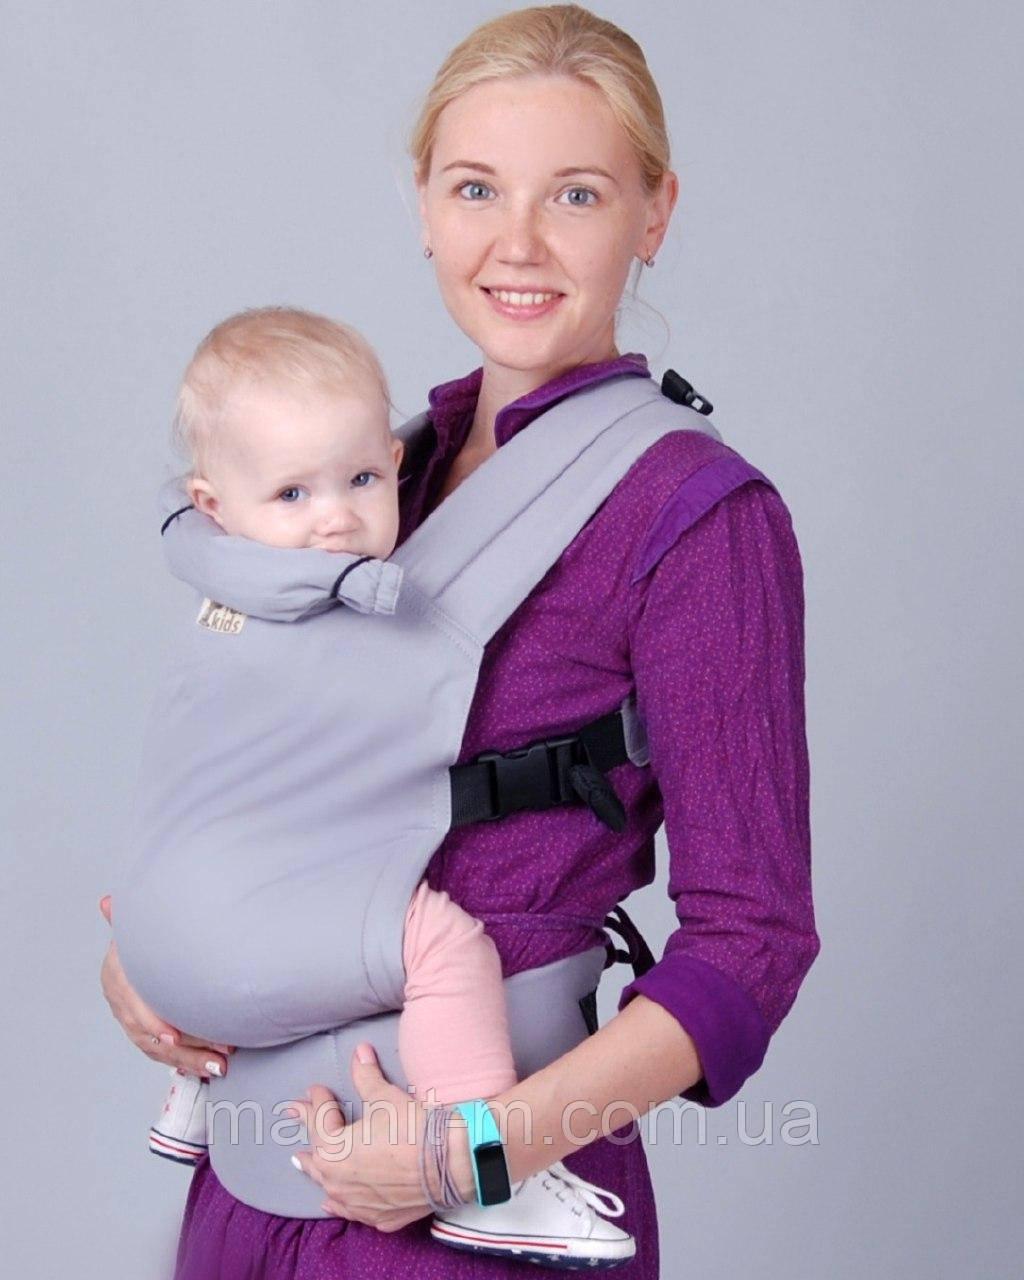 """Эрго-рюкзак """"ForKids"""" сталь, хлопок, второй размер"""